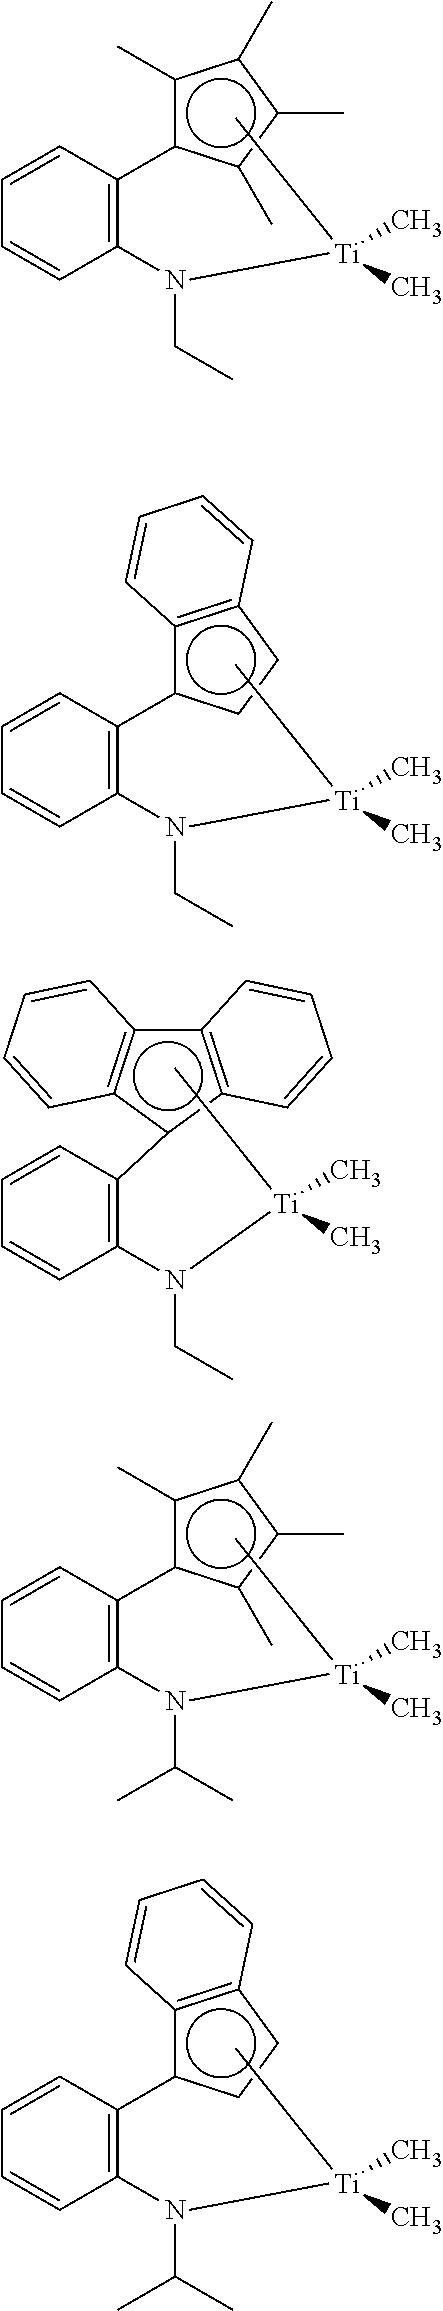 Figure US09120836-20150901-C00040